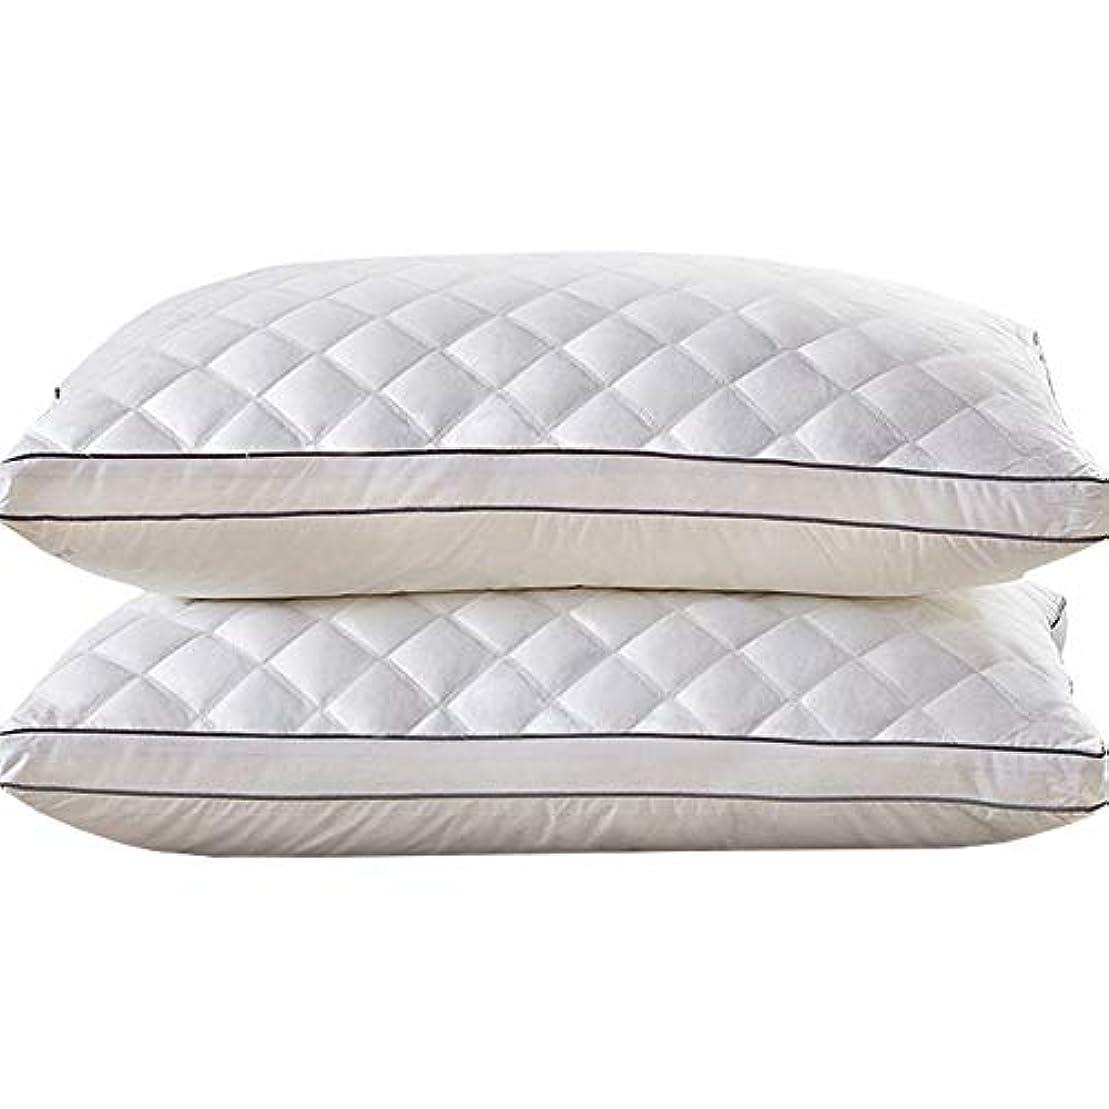 ブラウズブリード乳白枕、シングルネックピロー繊維枕スーパーソフト抗菌、健康的な睡眠